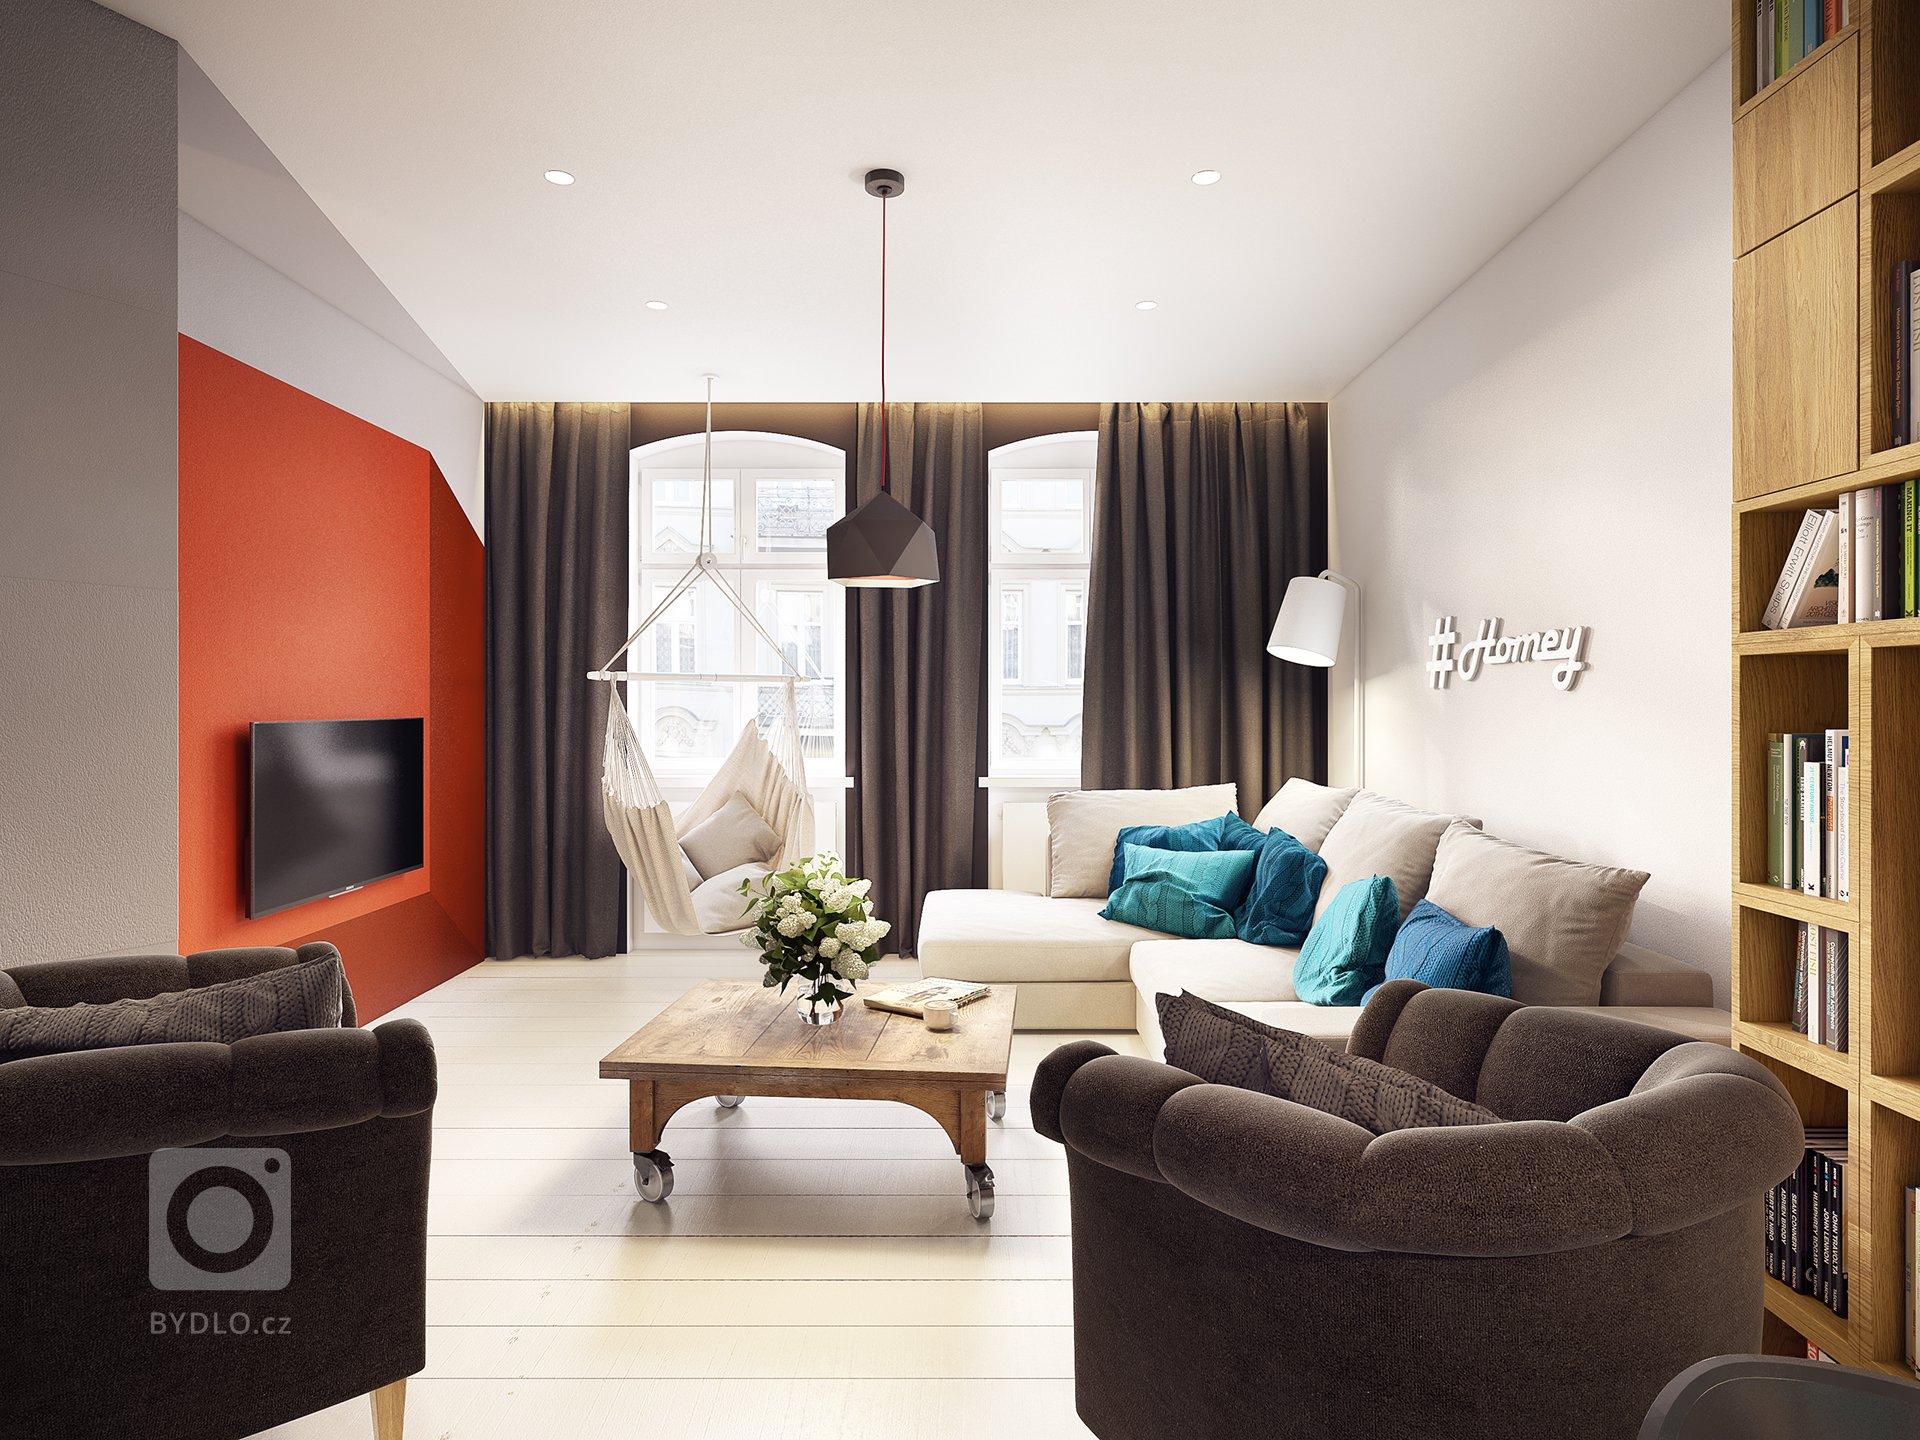 Netradičně řešený a barevně pojatý interiér... veselý, hravý, plný barev a kontrastů